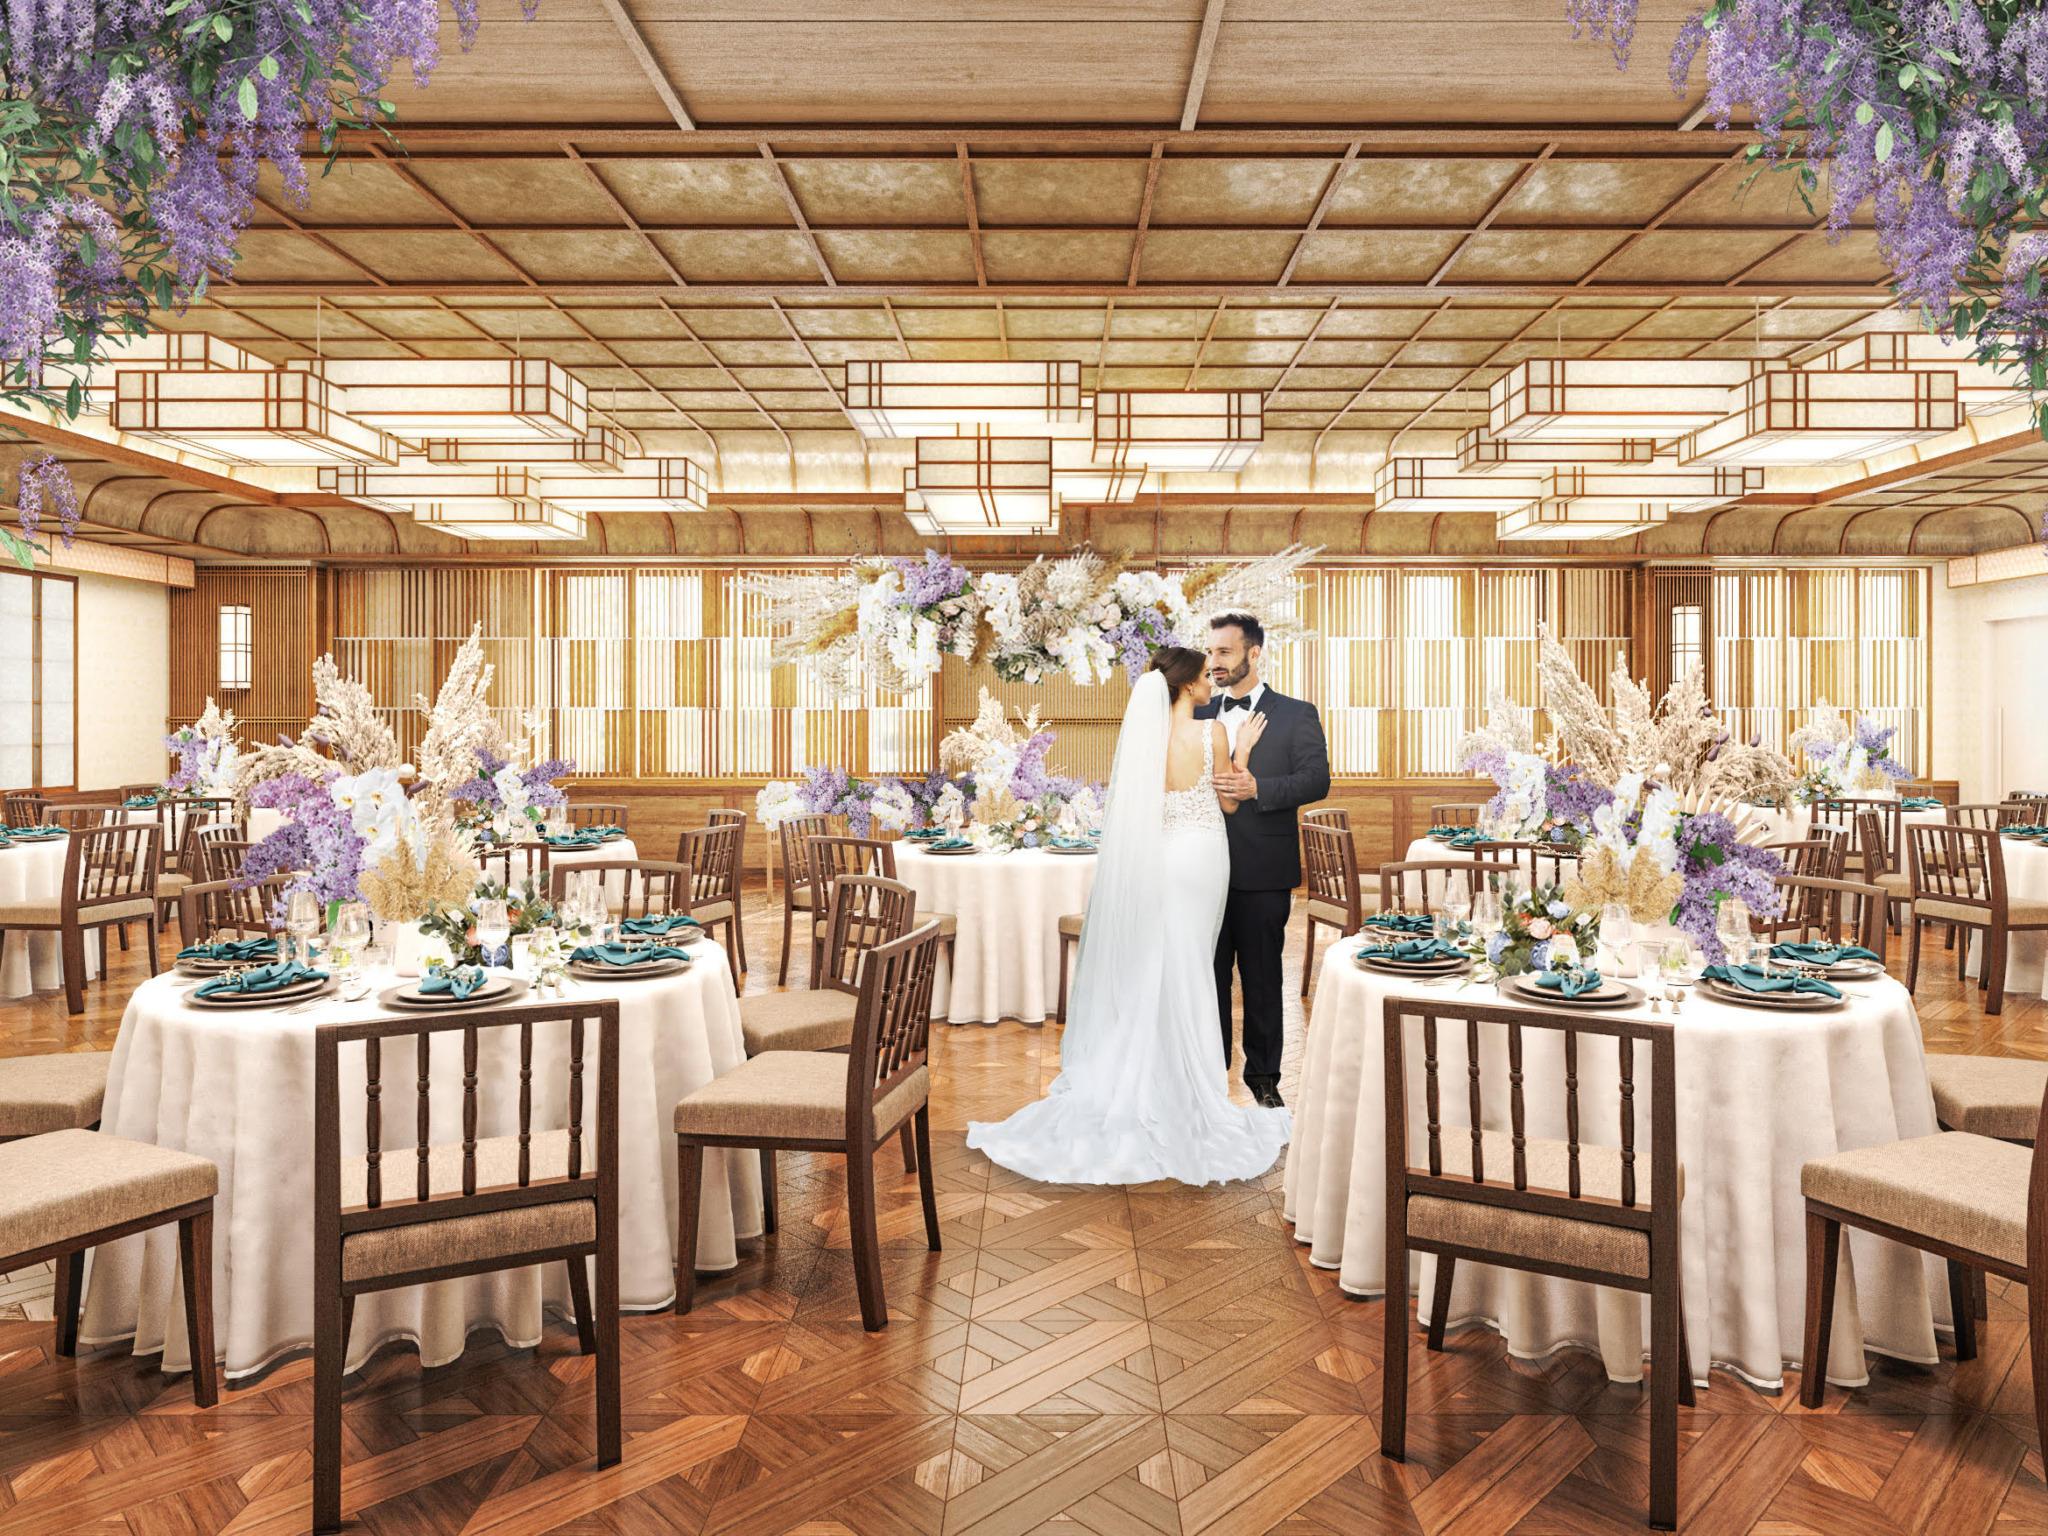 モダンジャパニーズをコンセプトに京都らしい歴史と伝統を表現したパーティー会場が誕生